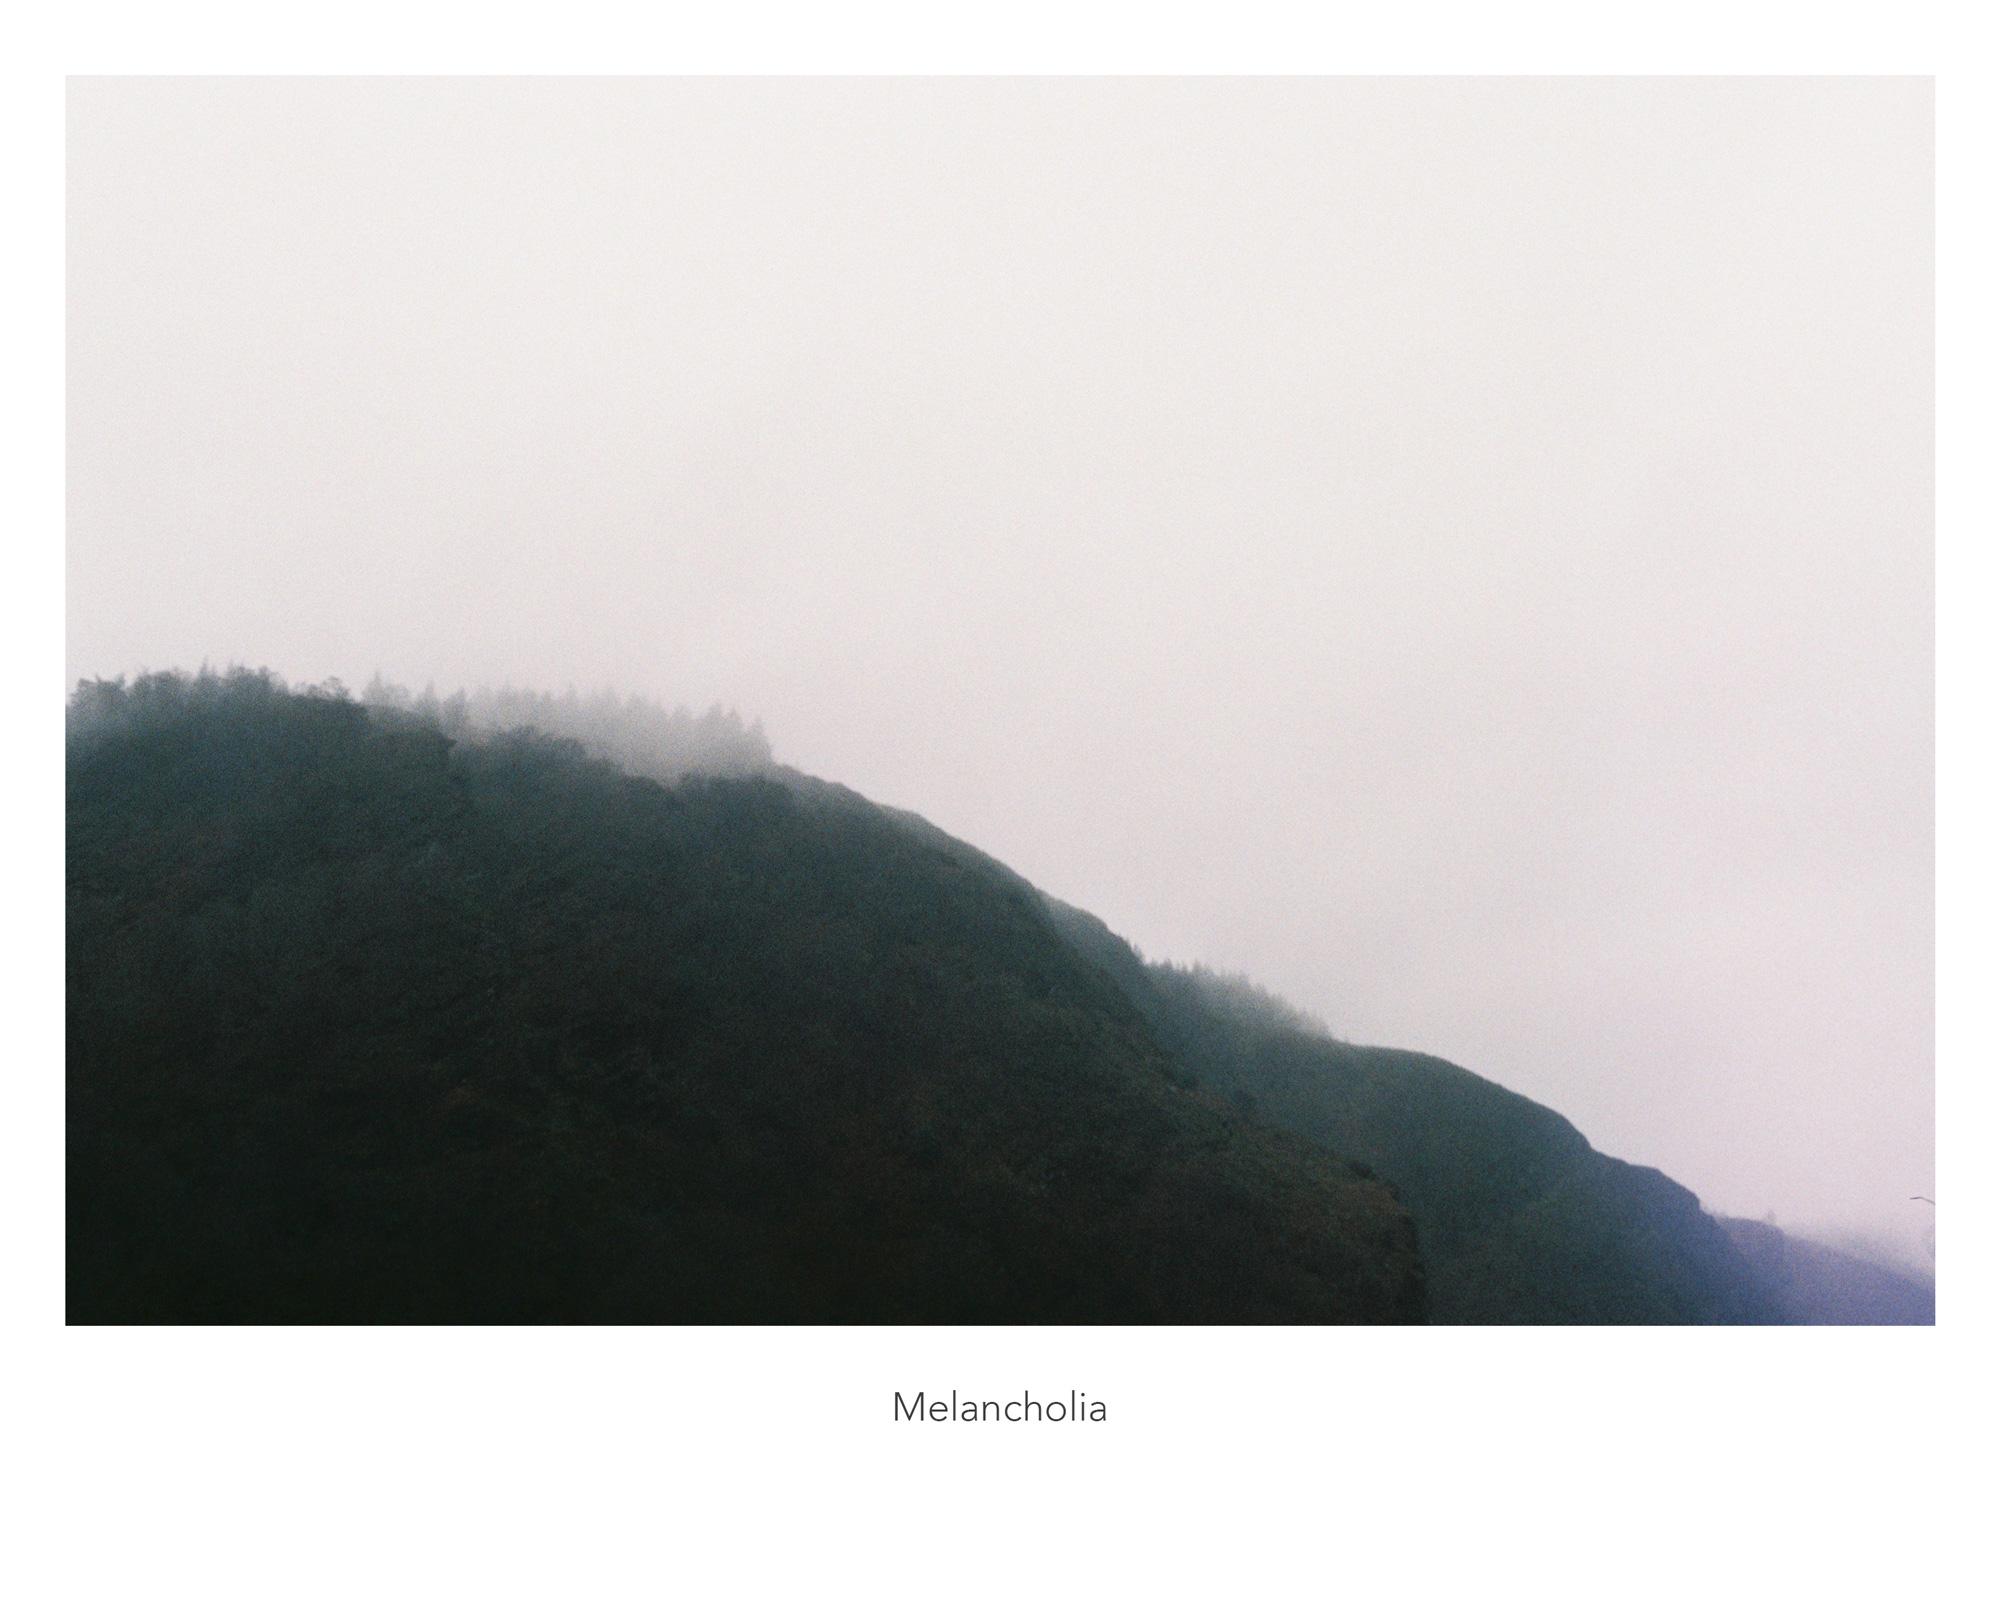 05_melancholia_web.jpg